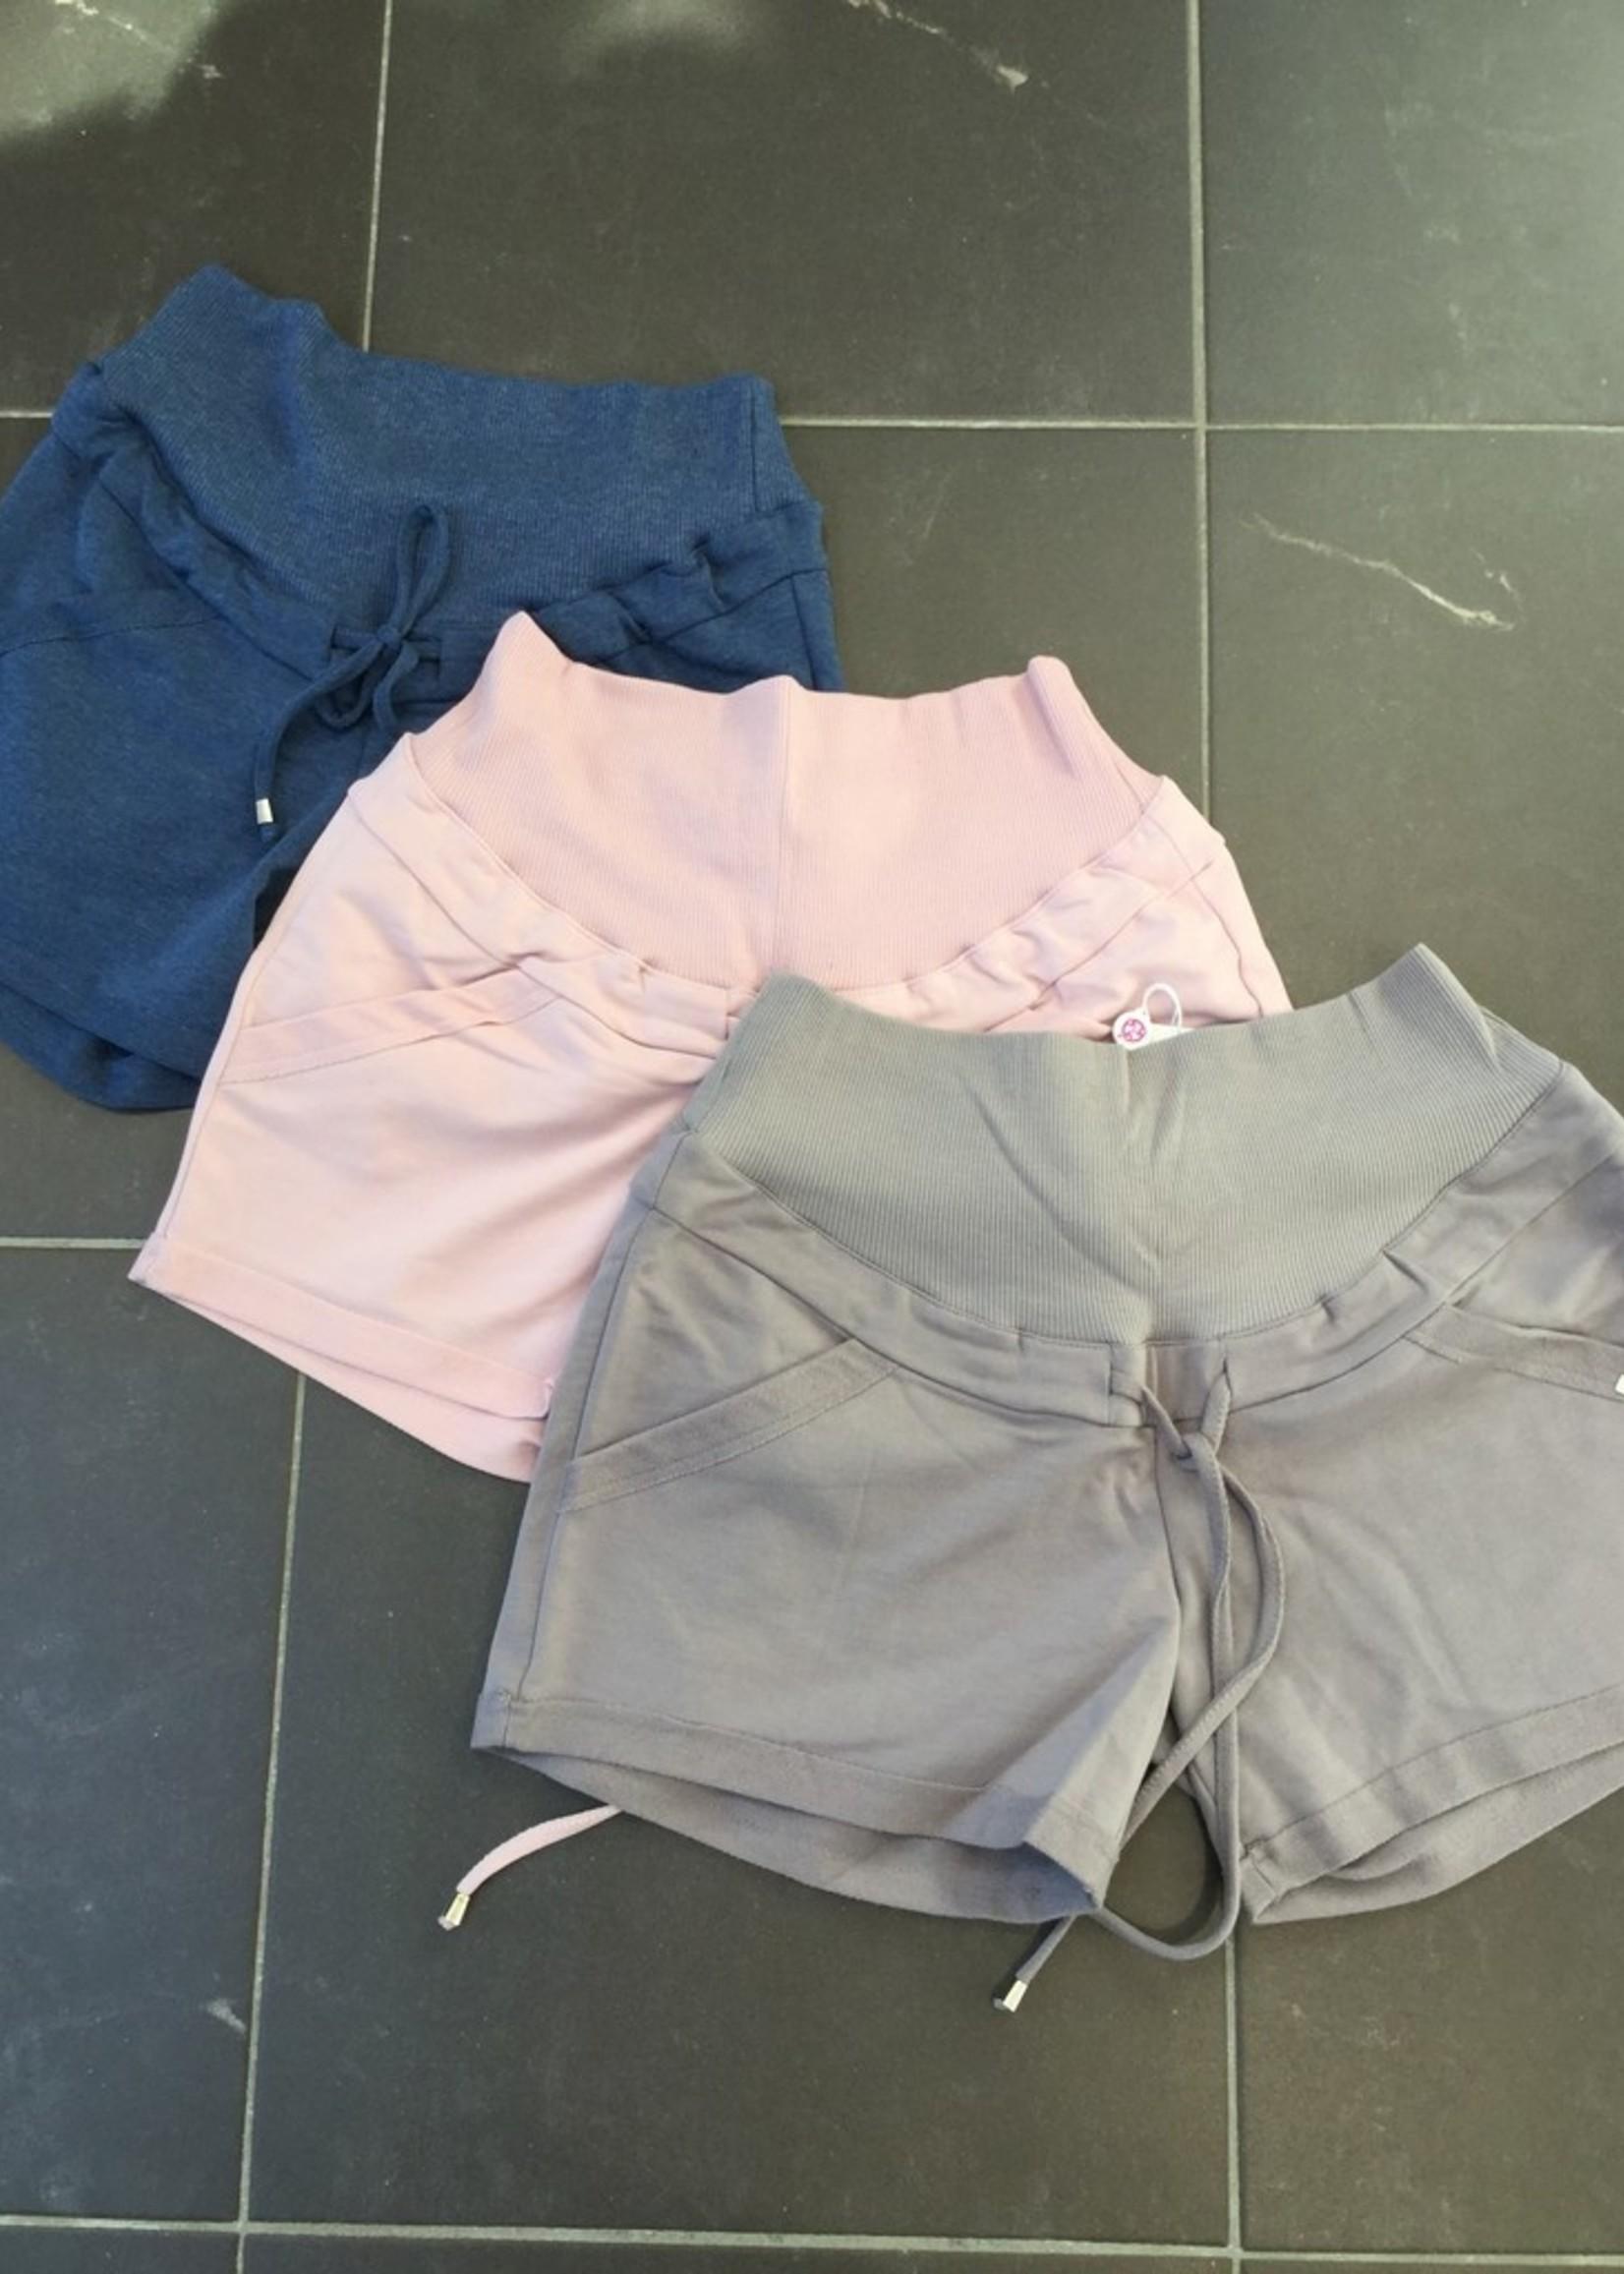 9FASHION BECKY Shorts-grey